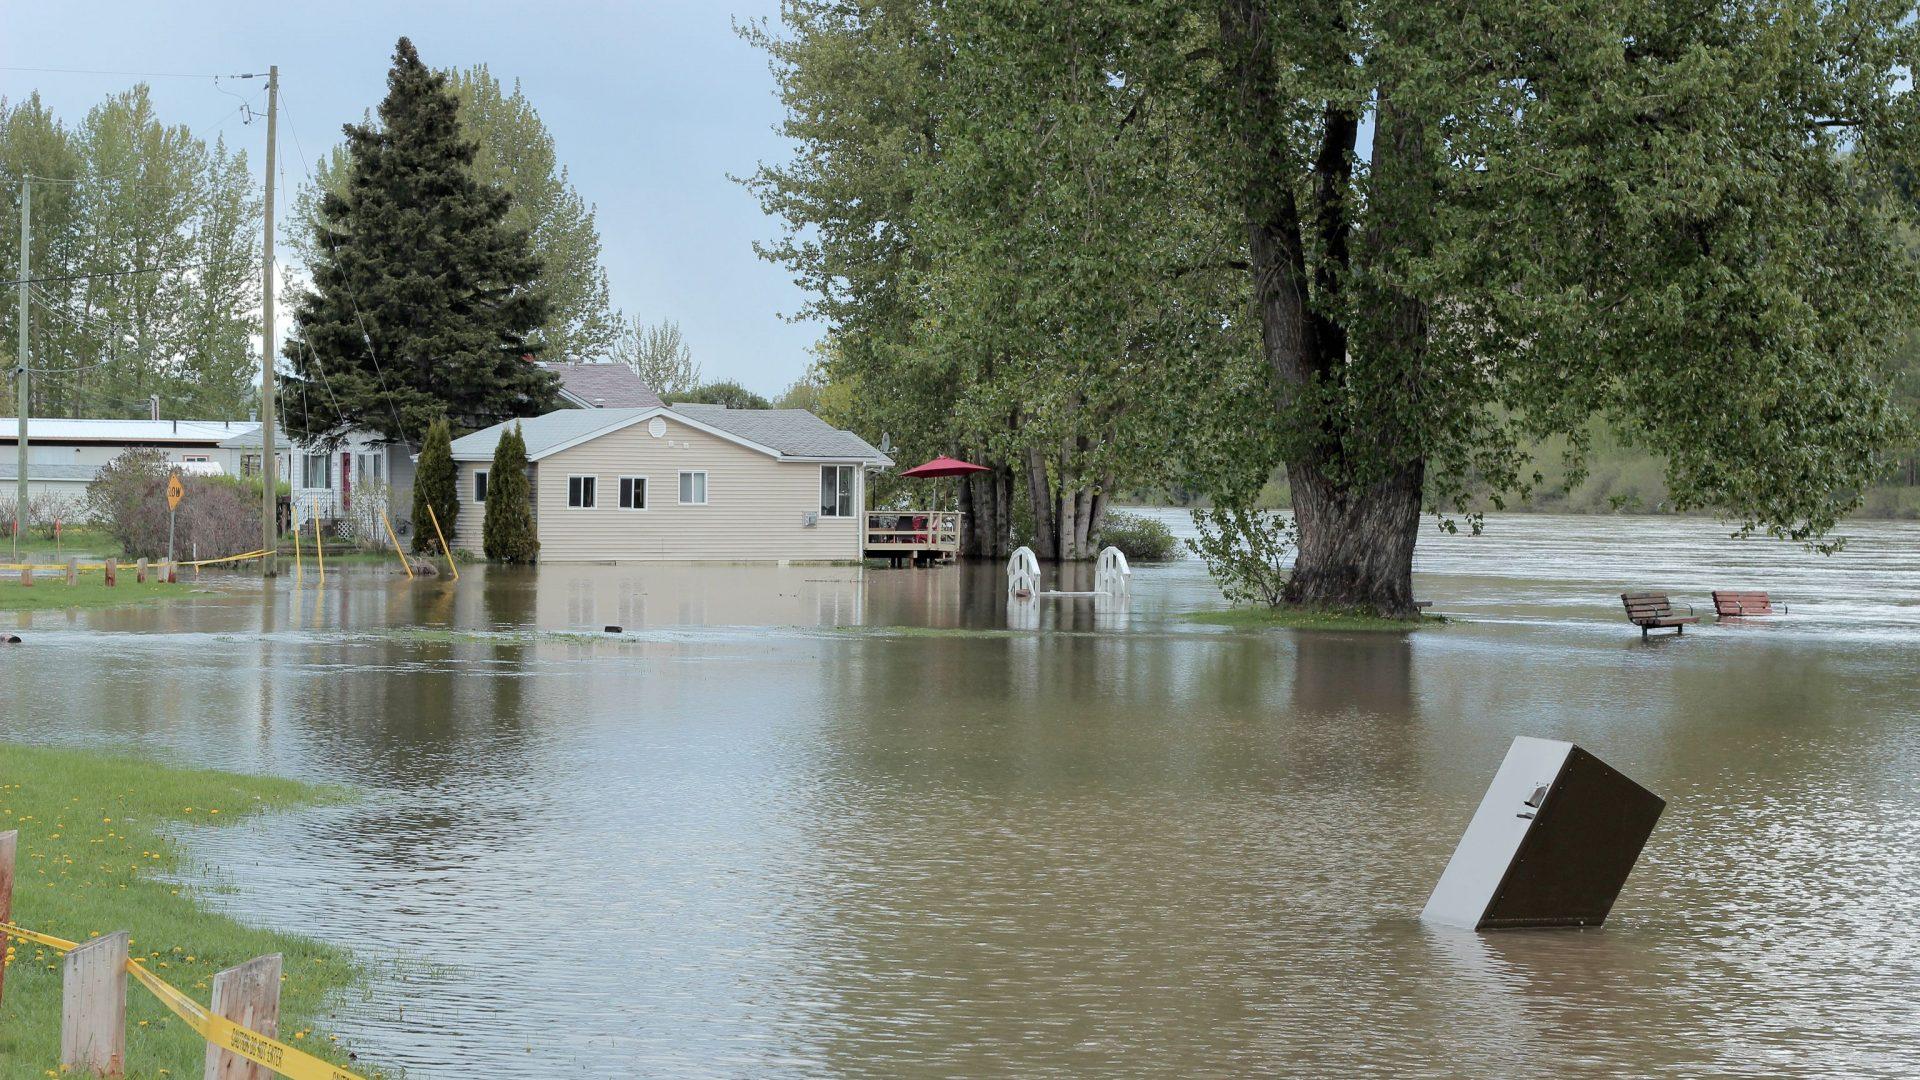 Fraser-River-floods-in-Prince-George-compressor-1920x1080